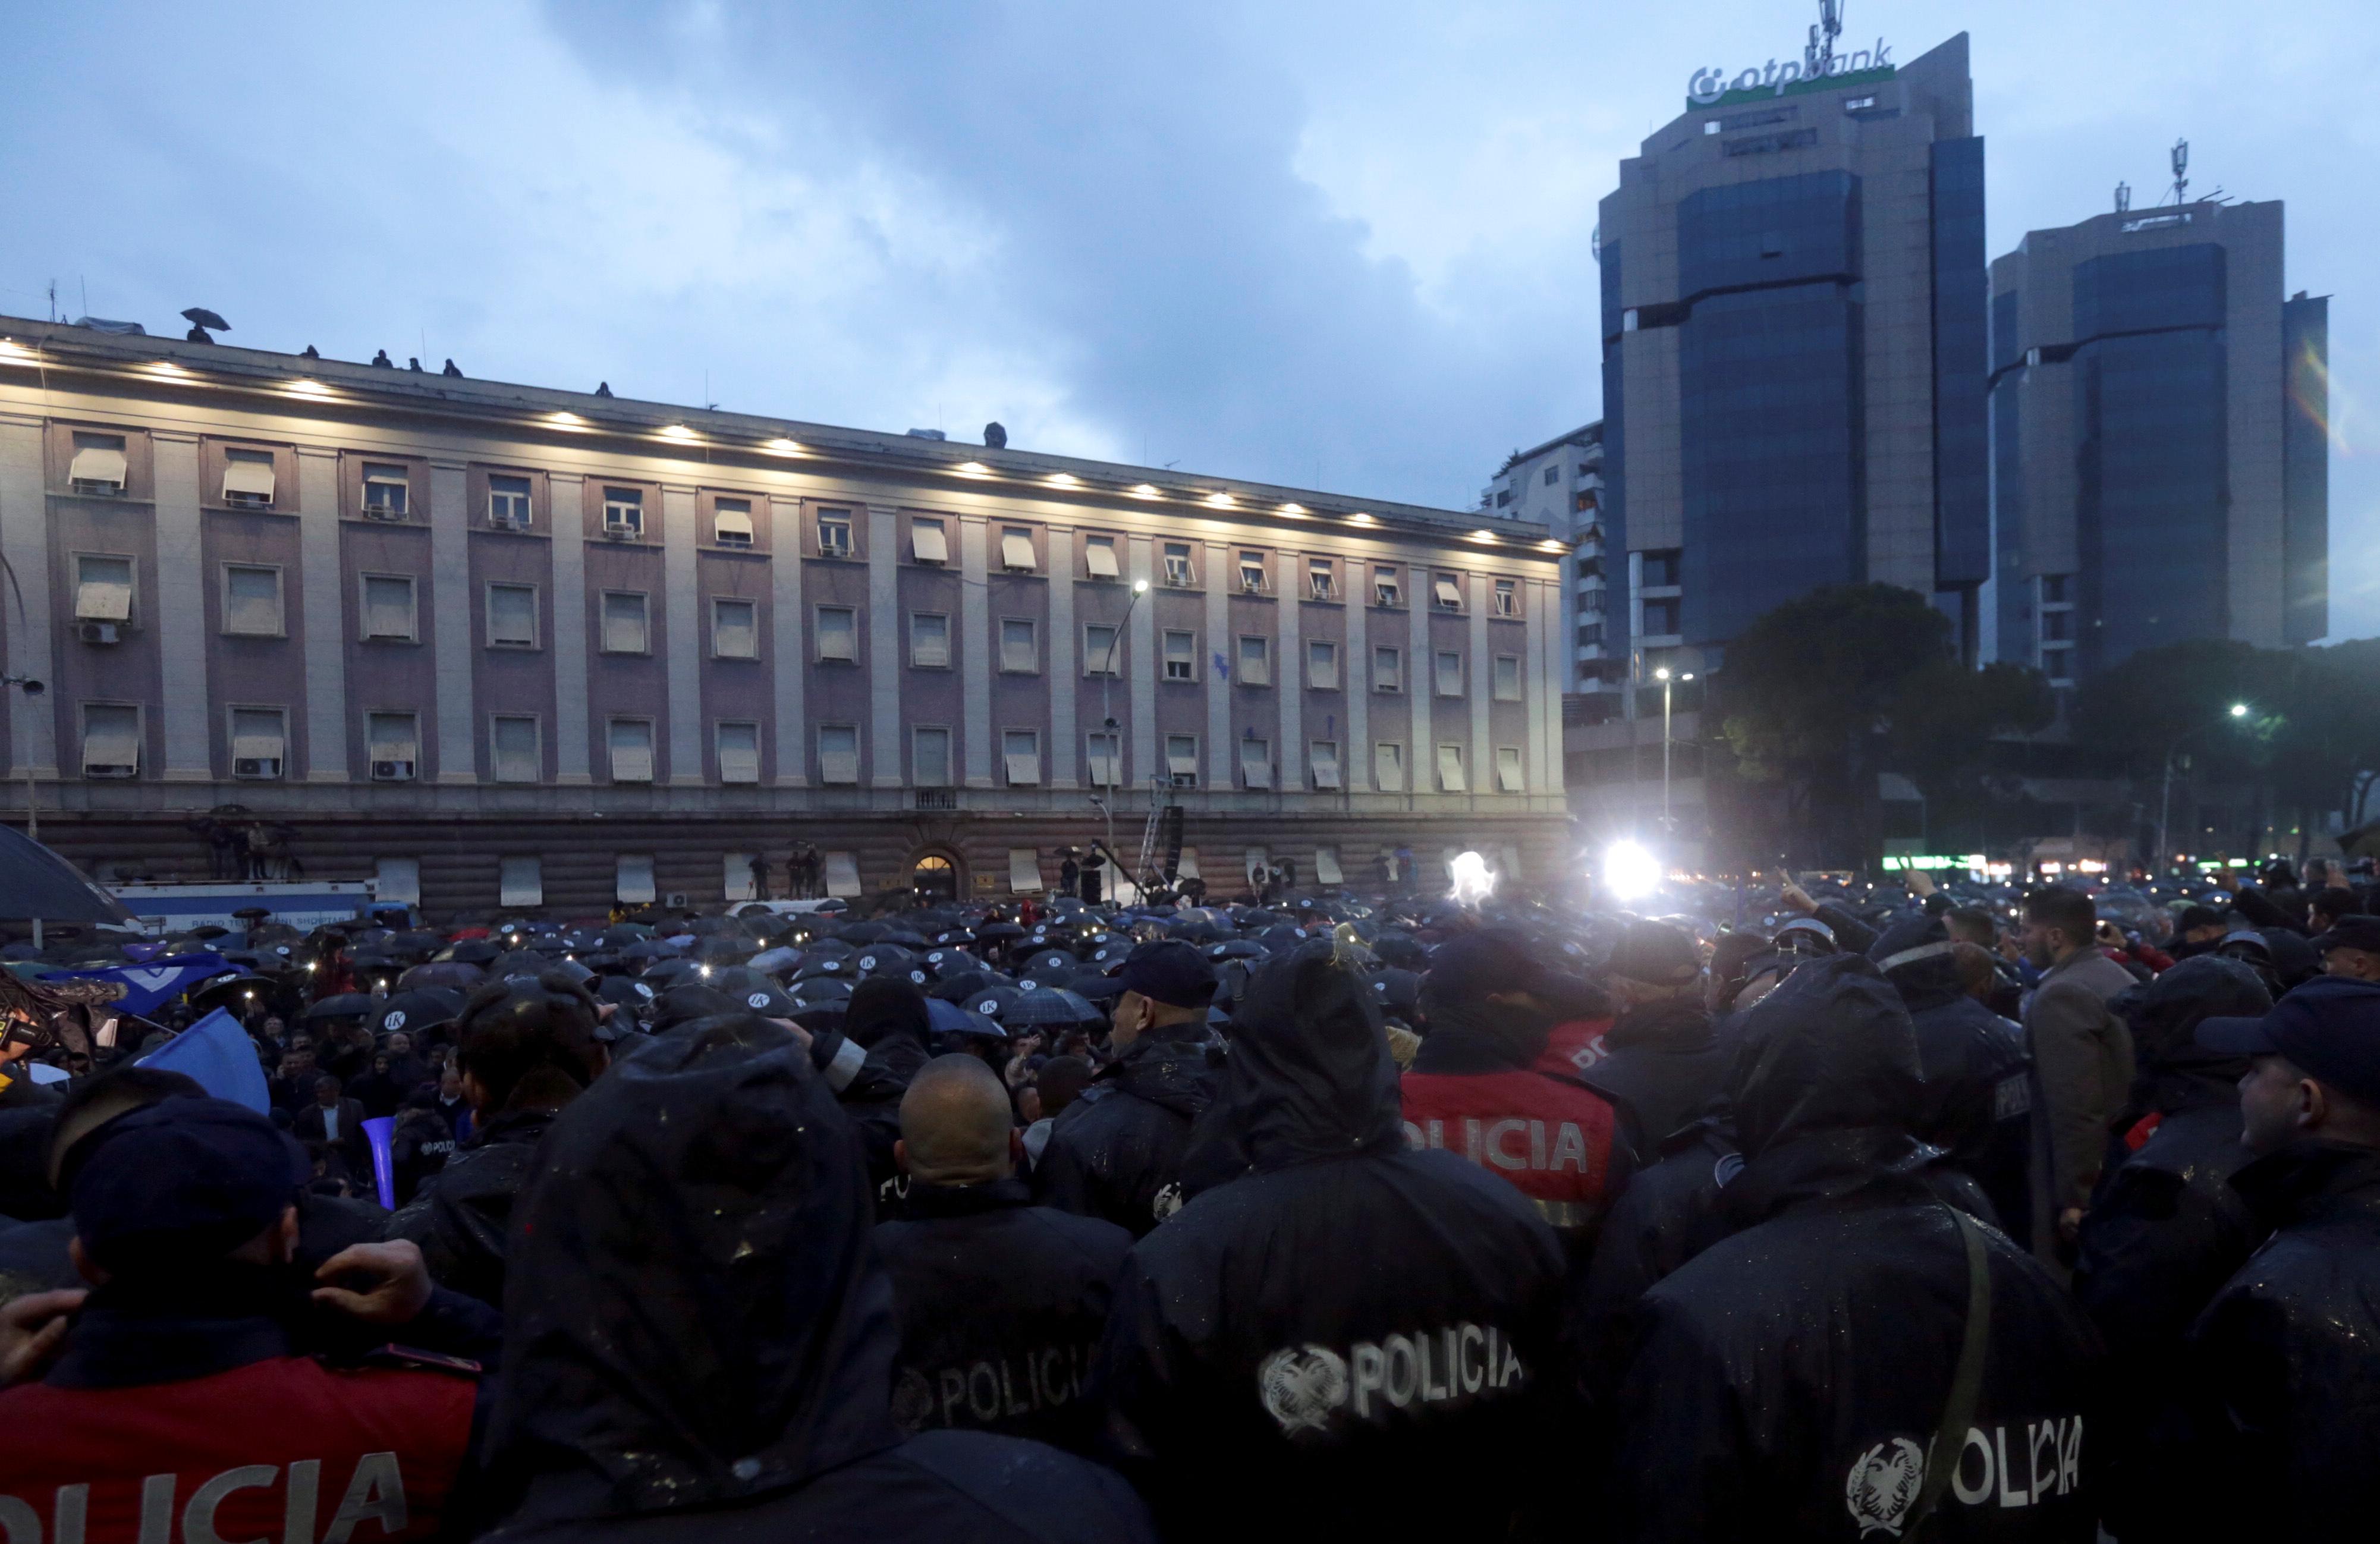 يحضر أنصار حزب المعارضة مظاهرة مناهضة للحكومة أمام مكتب رئيس الوزراء إدي راما في تيرانا